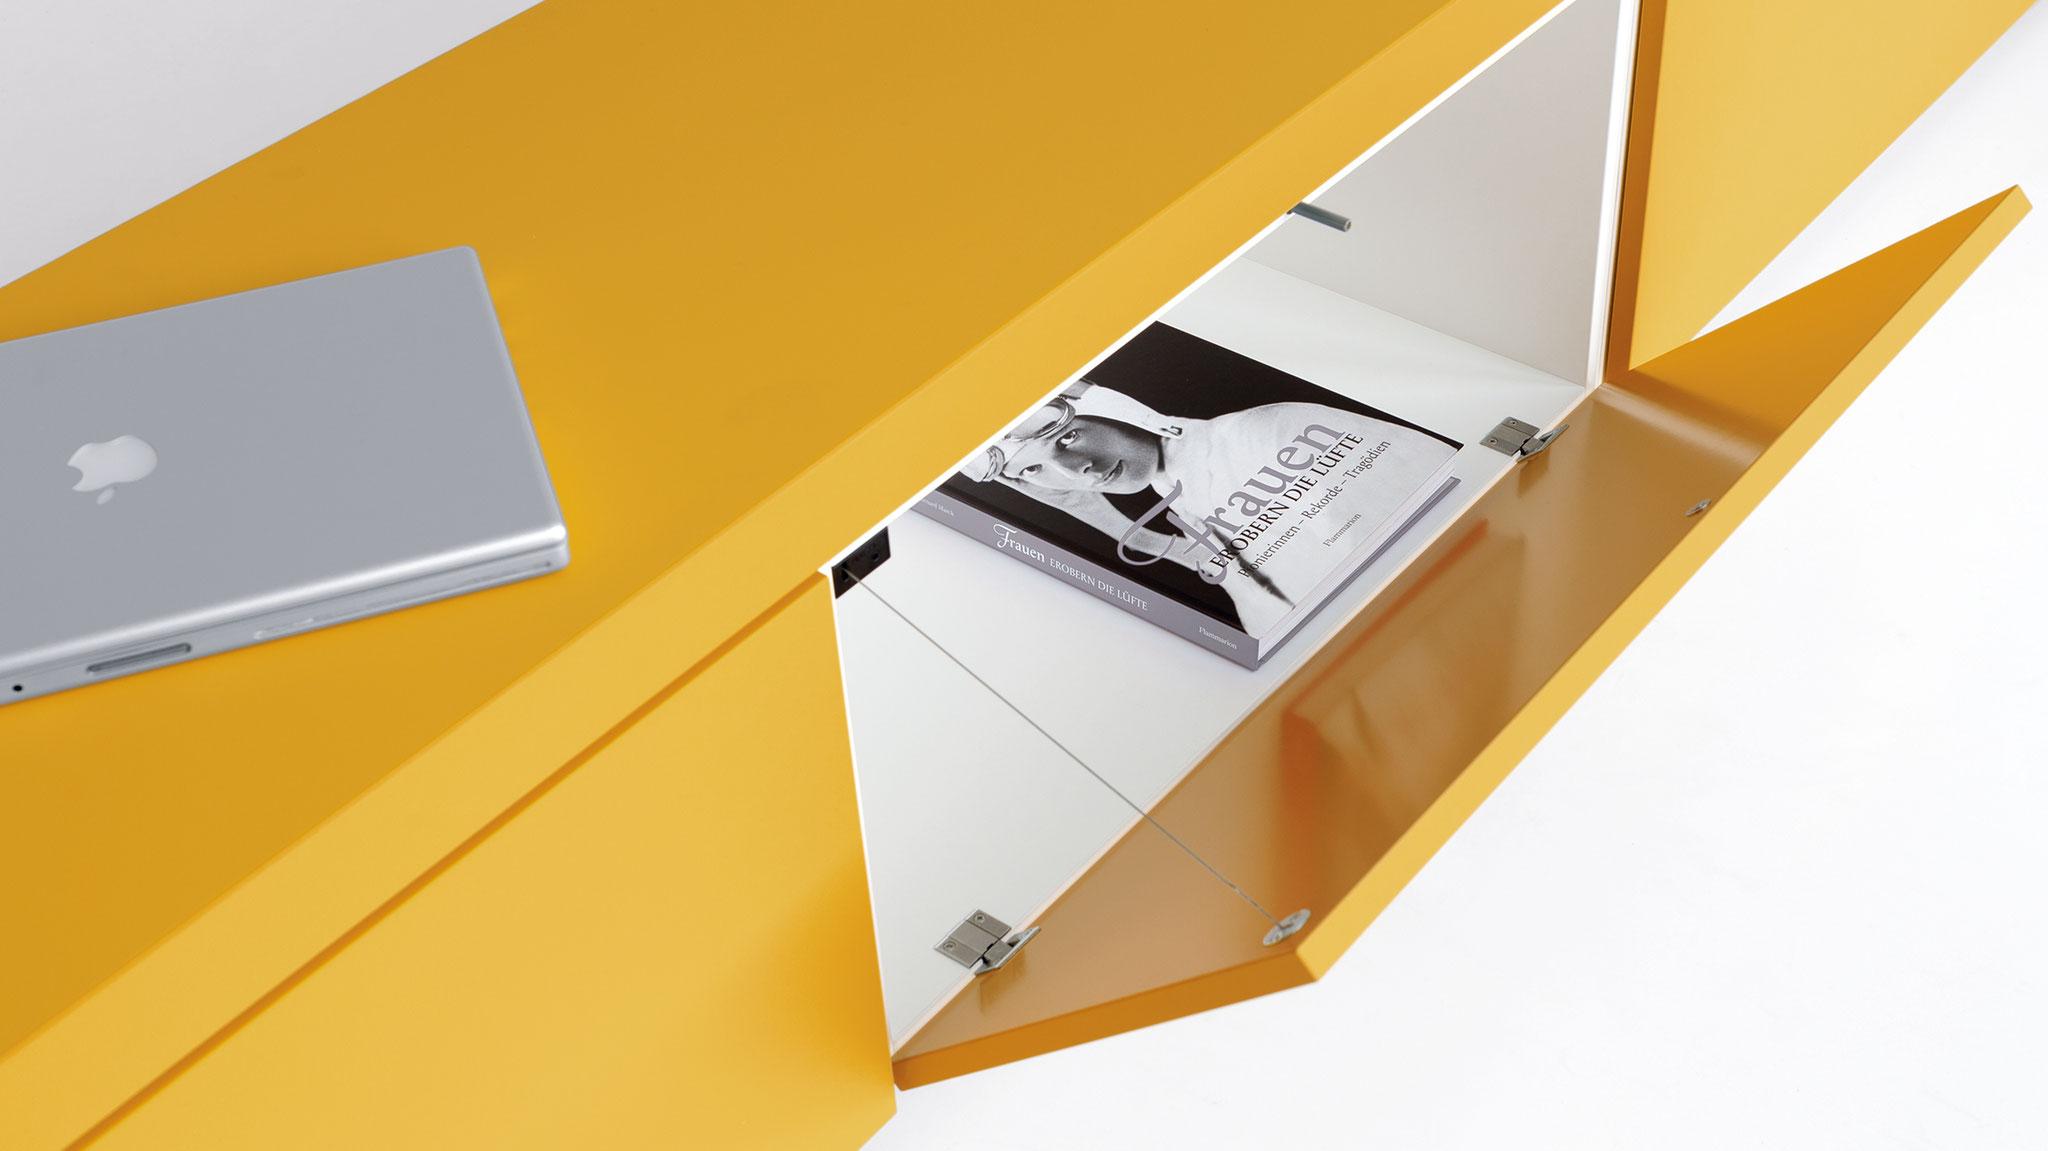 Die Sekretärsklappe öffnet sich von oben nach unten und kann als kurzzeitige Ablage dienen.